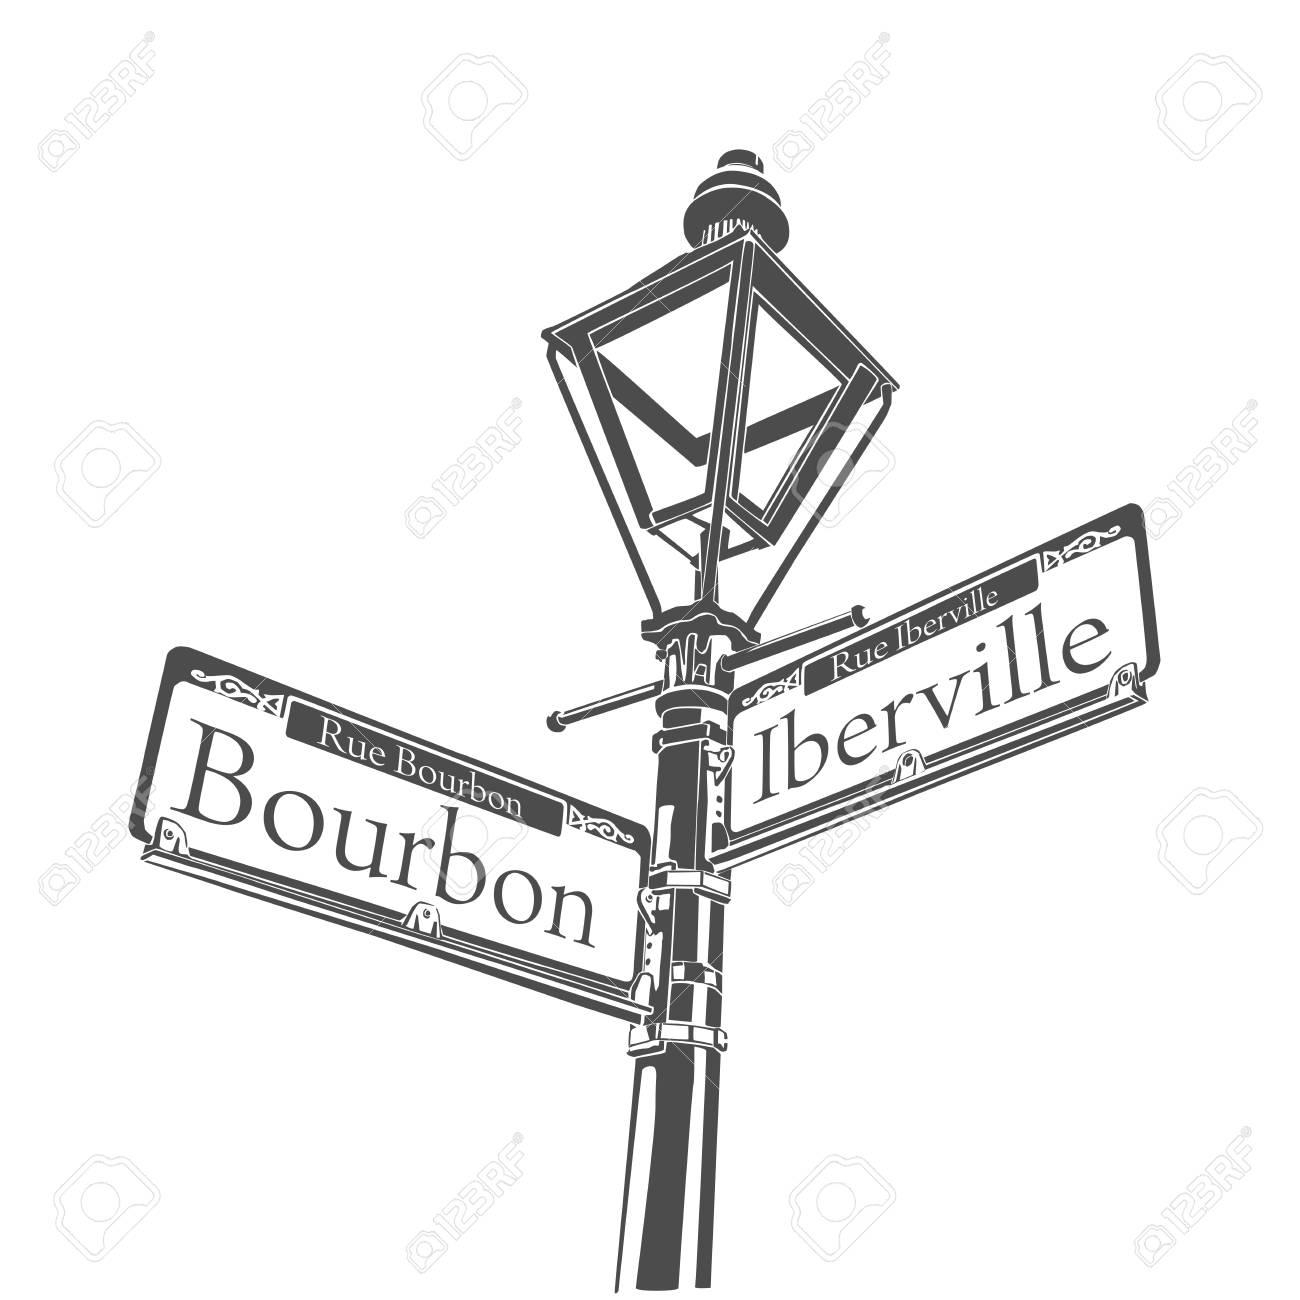 Historic Streetlight Bourbon Street French Quarter New Orleans...